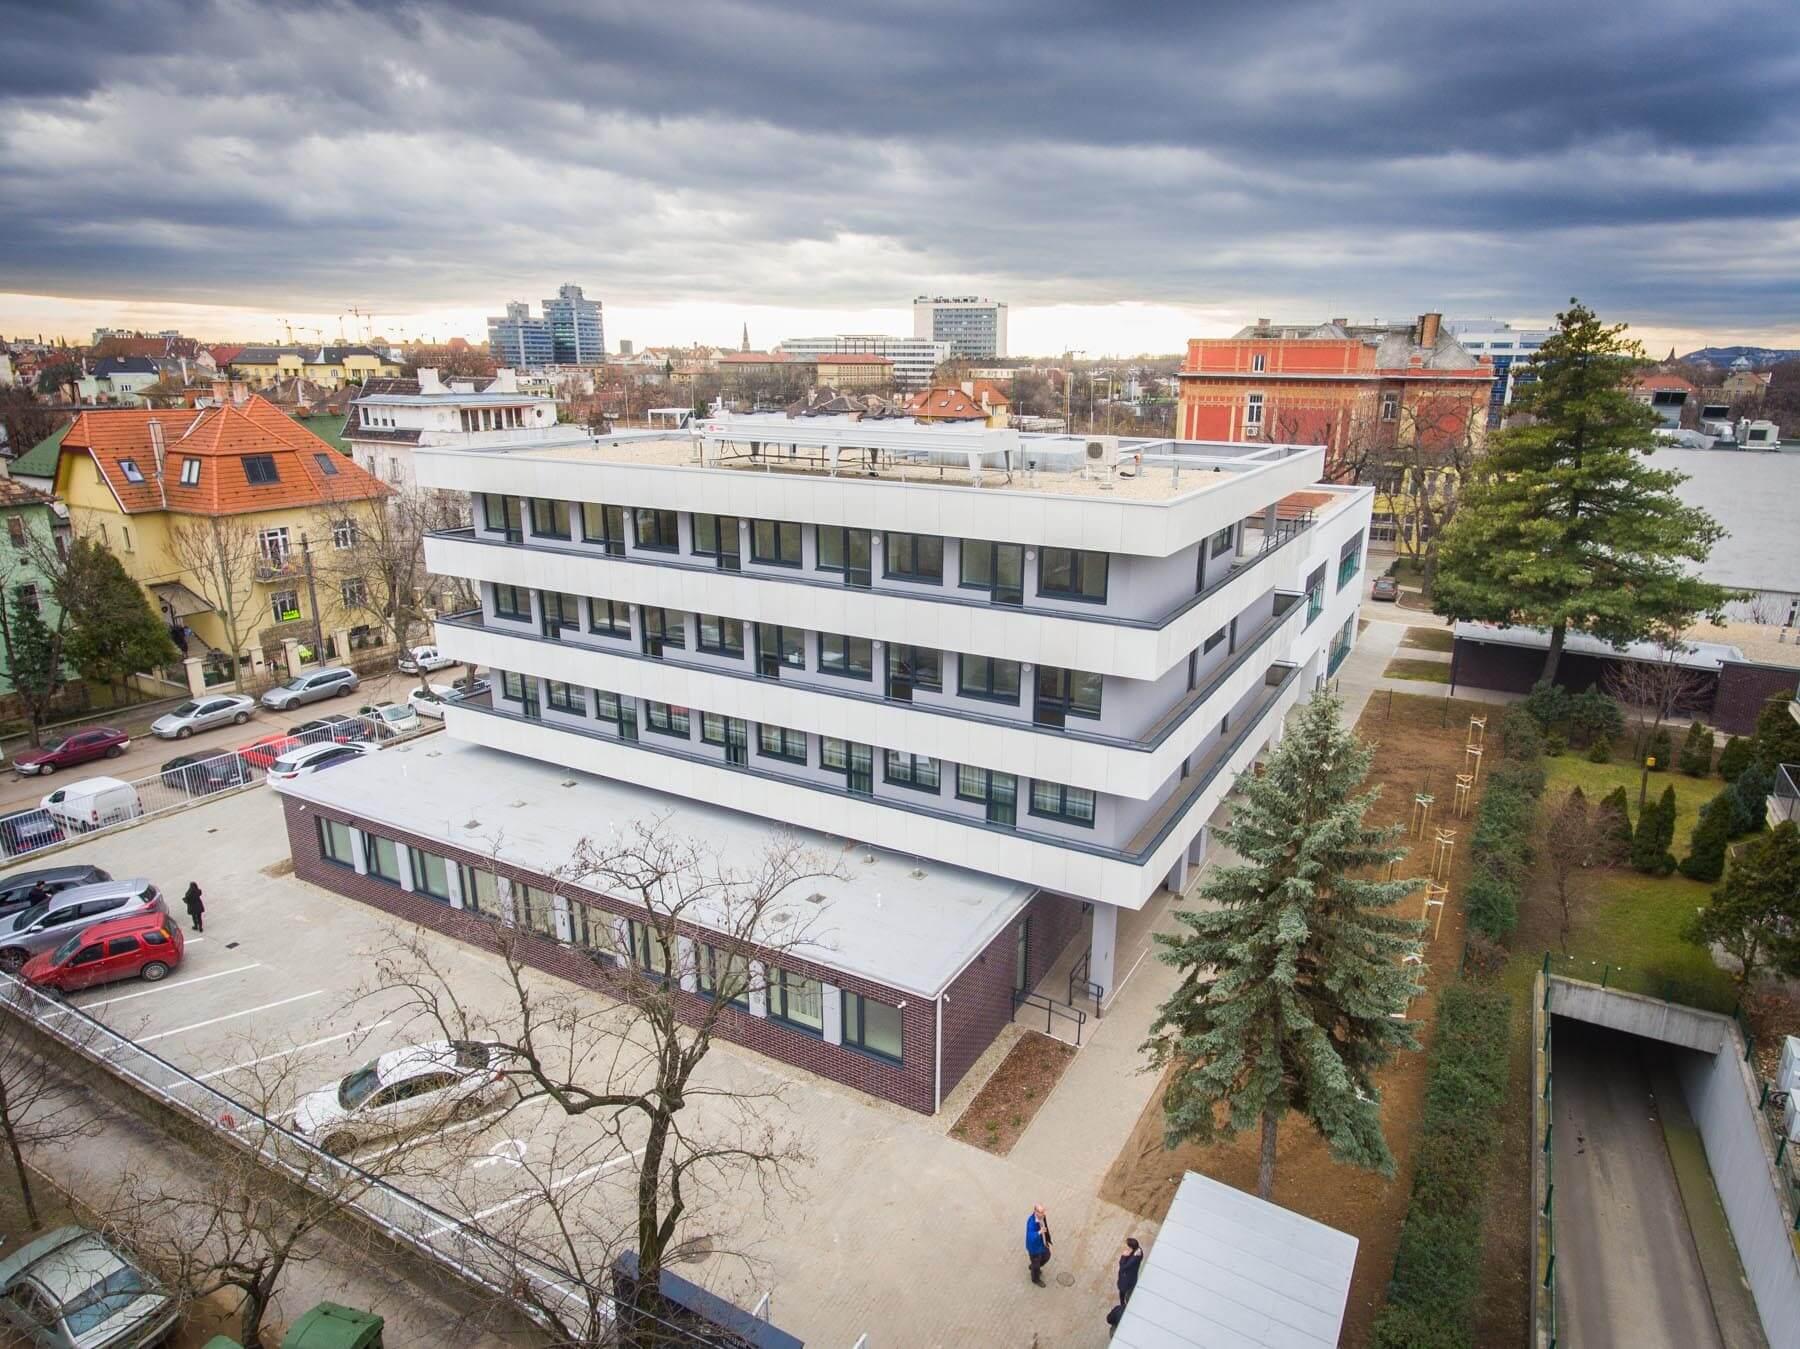 Világszínvonalú táncművészeti központot alakított ki Budapesten a Laterex